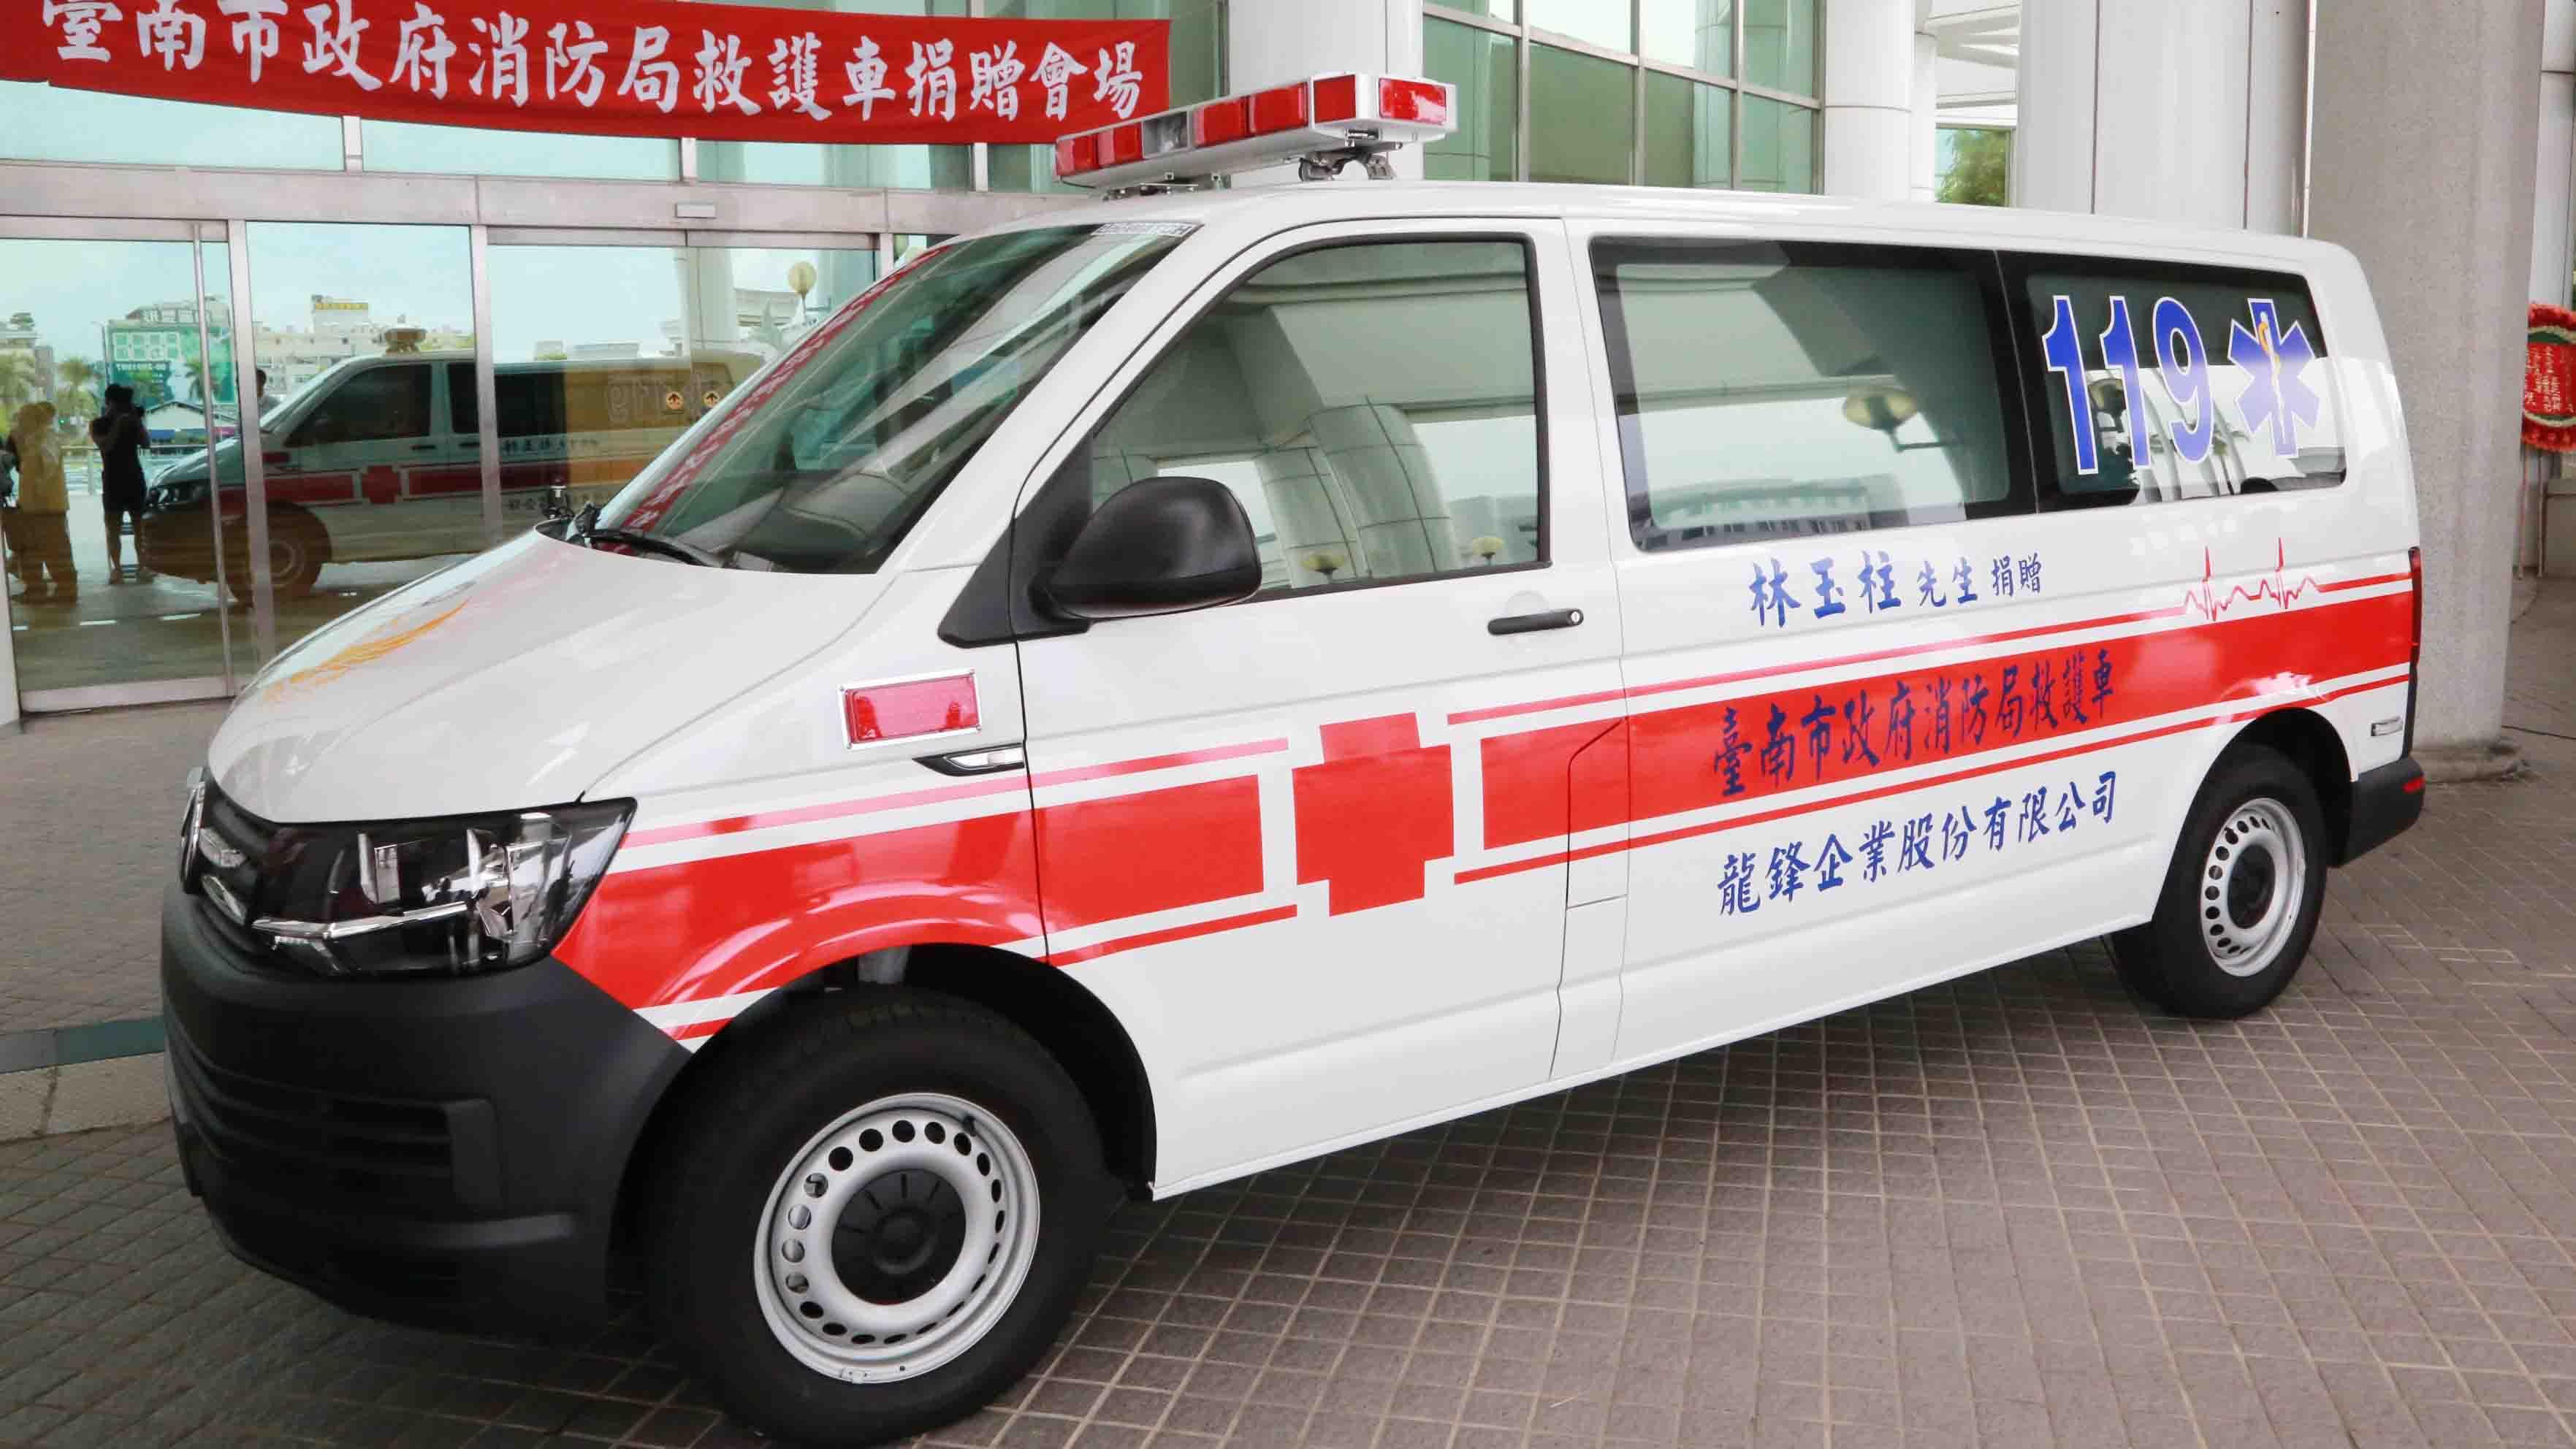 Al parecer, un carro embistió a un grupo de escolares cuando cruzaban la calle delante de un colegio en el noreste de la nación asiática